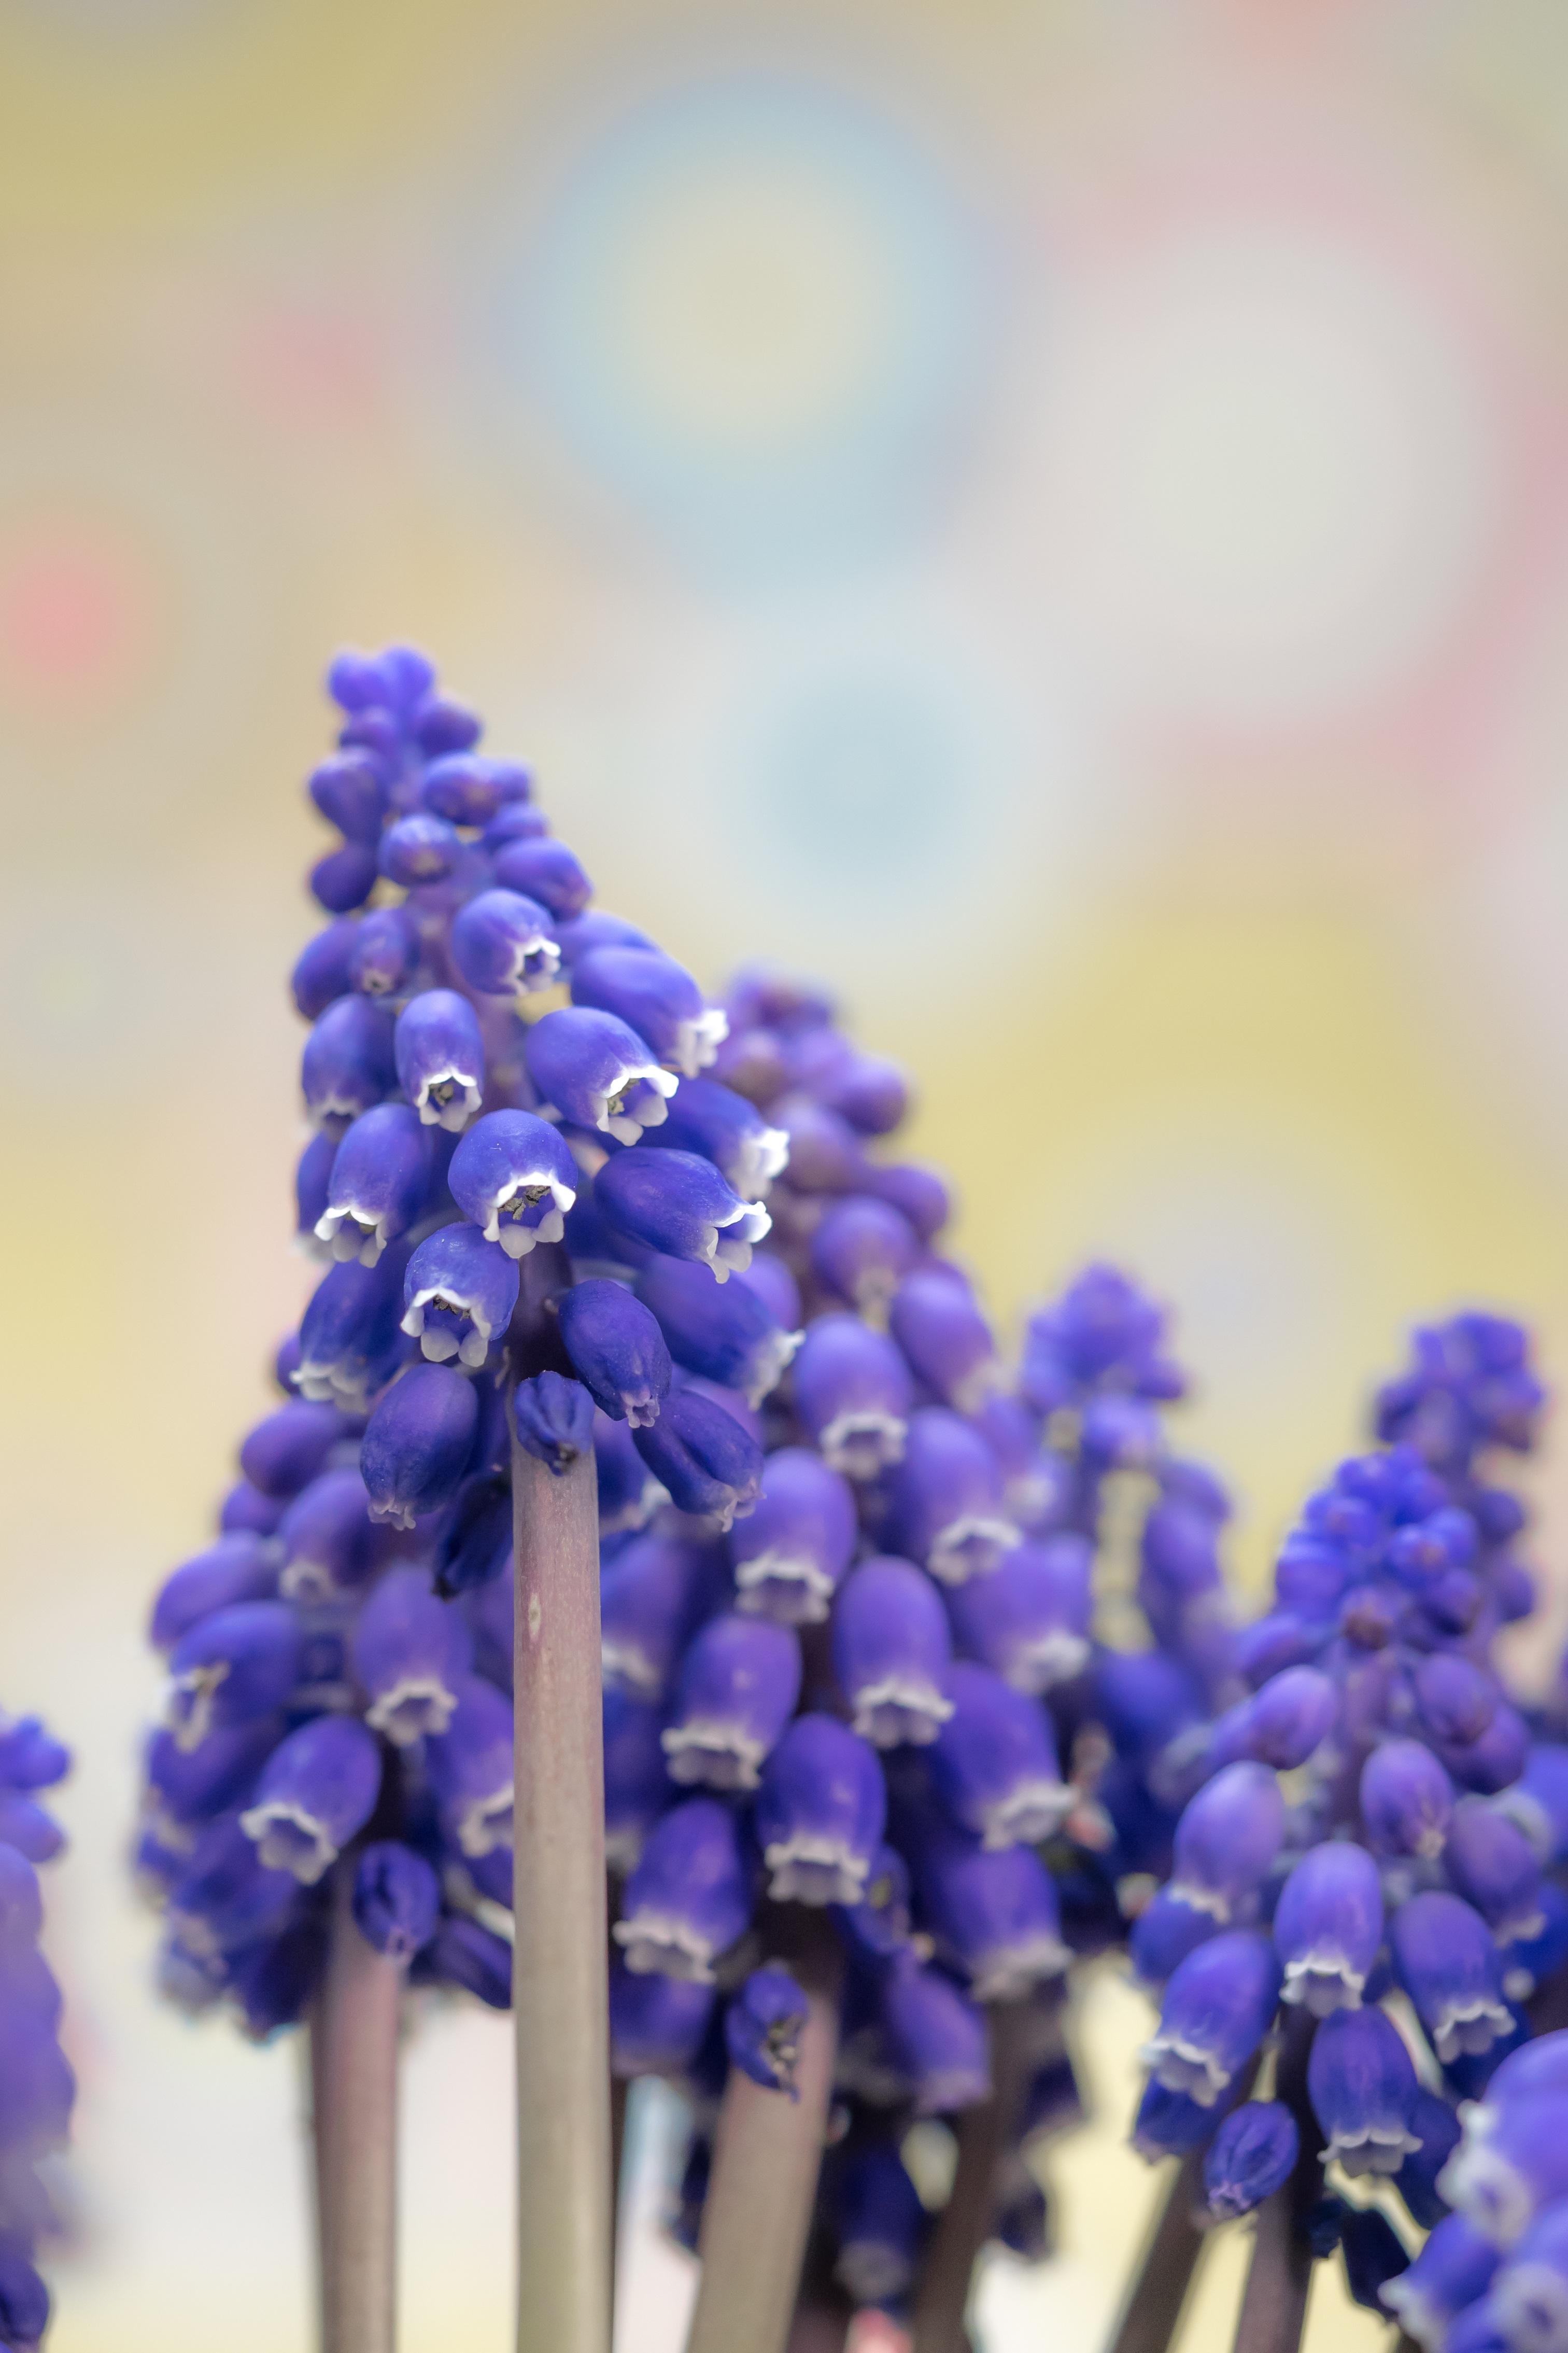 images gratuites fleur violet floraison cloche printemps couleur macro botanique bleu. Black Bedroom Furniture Sets. Home Design Ideas